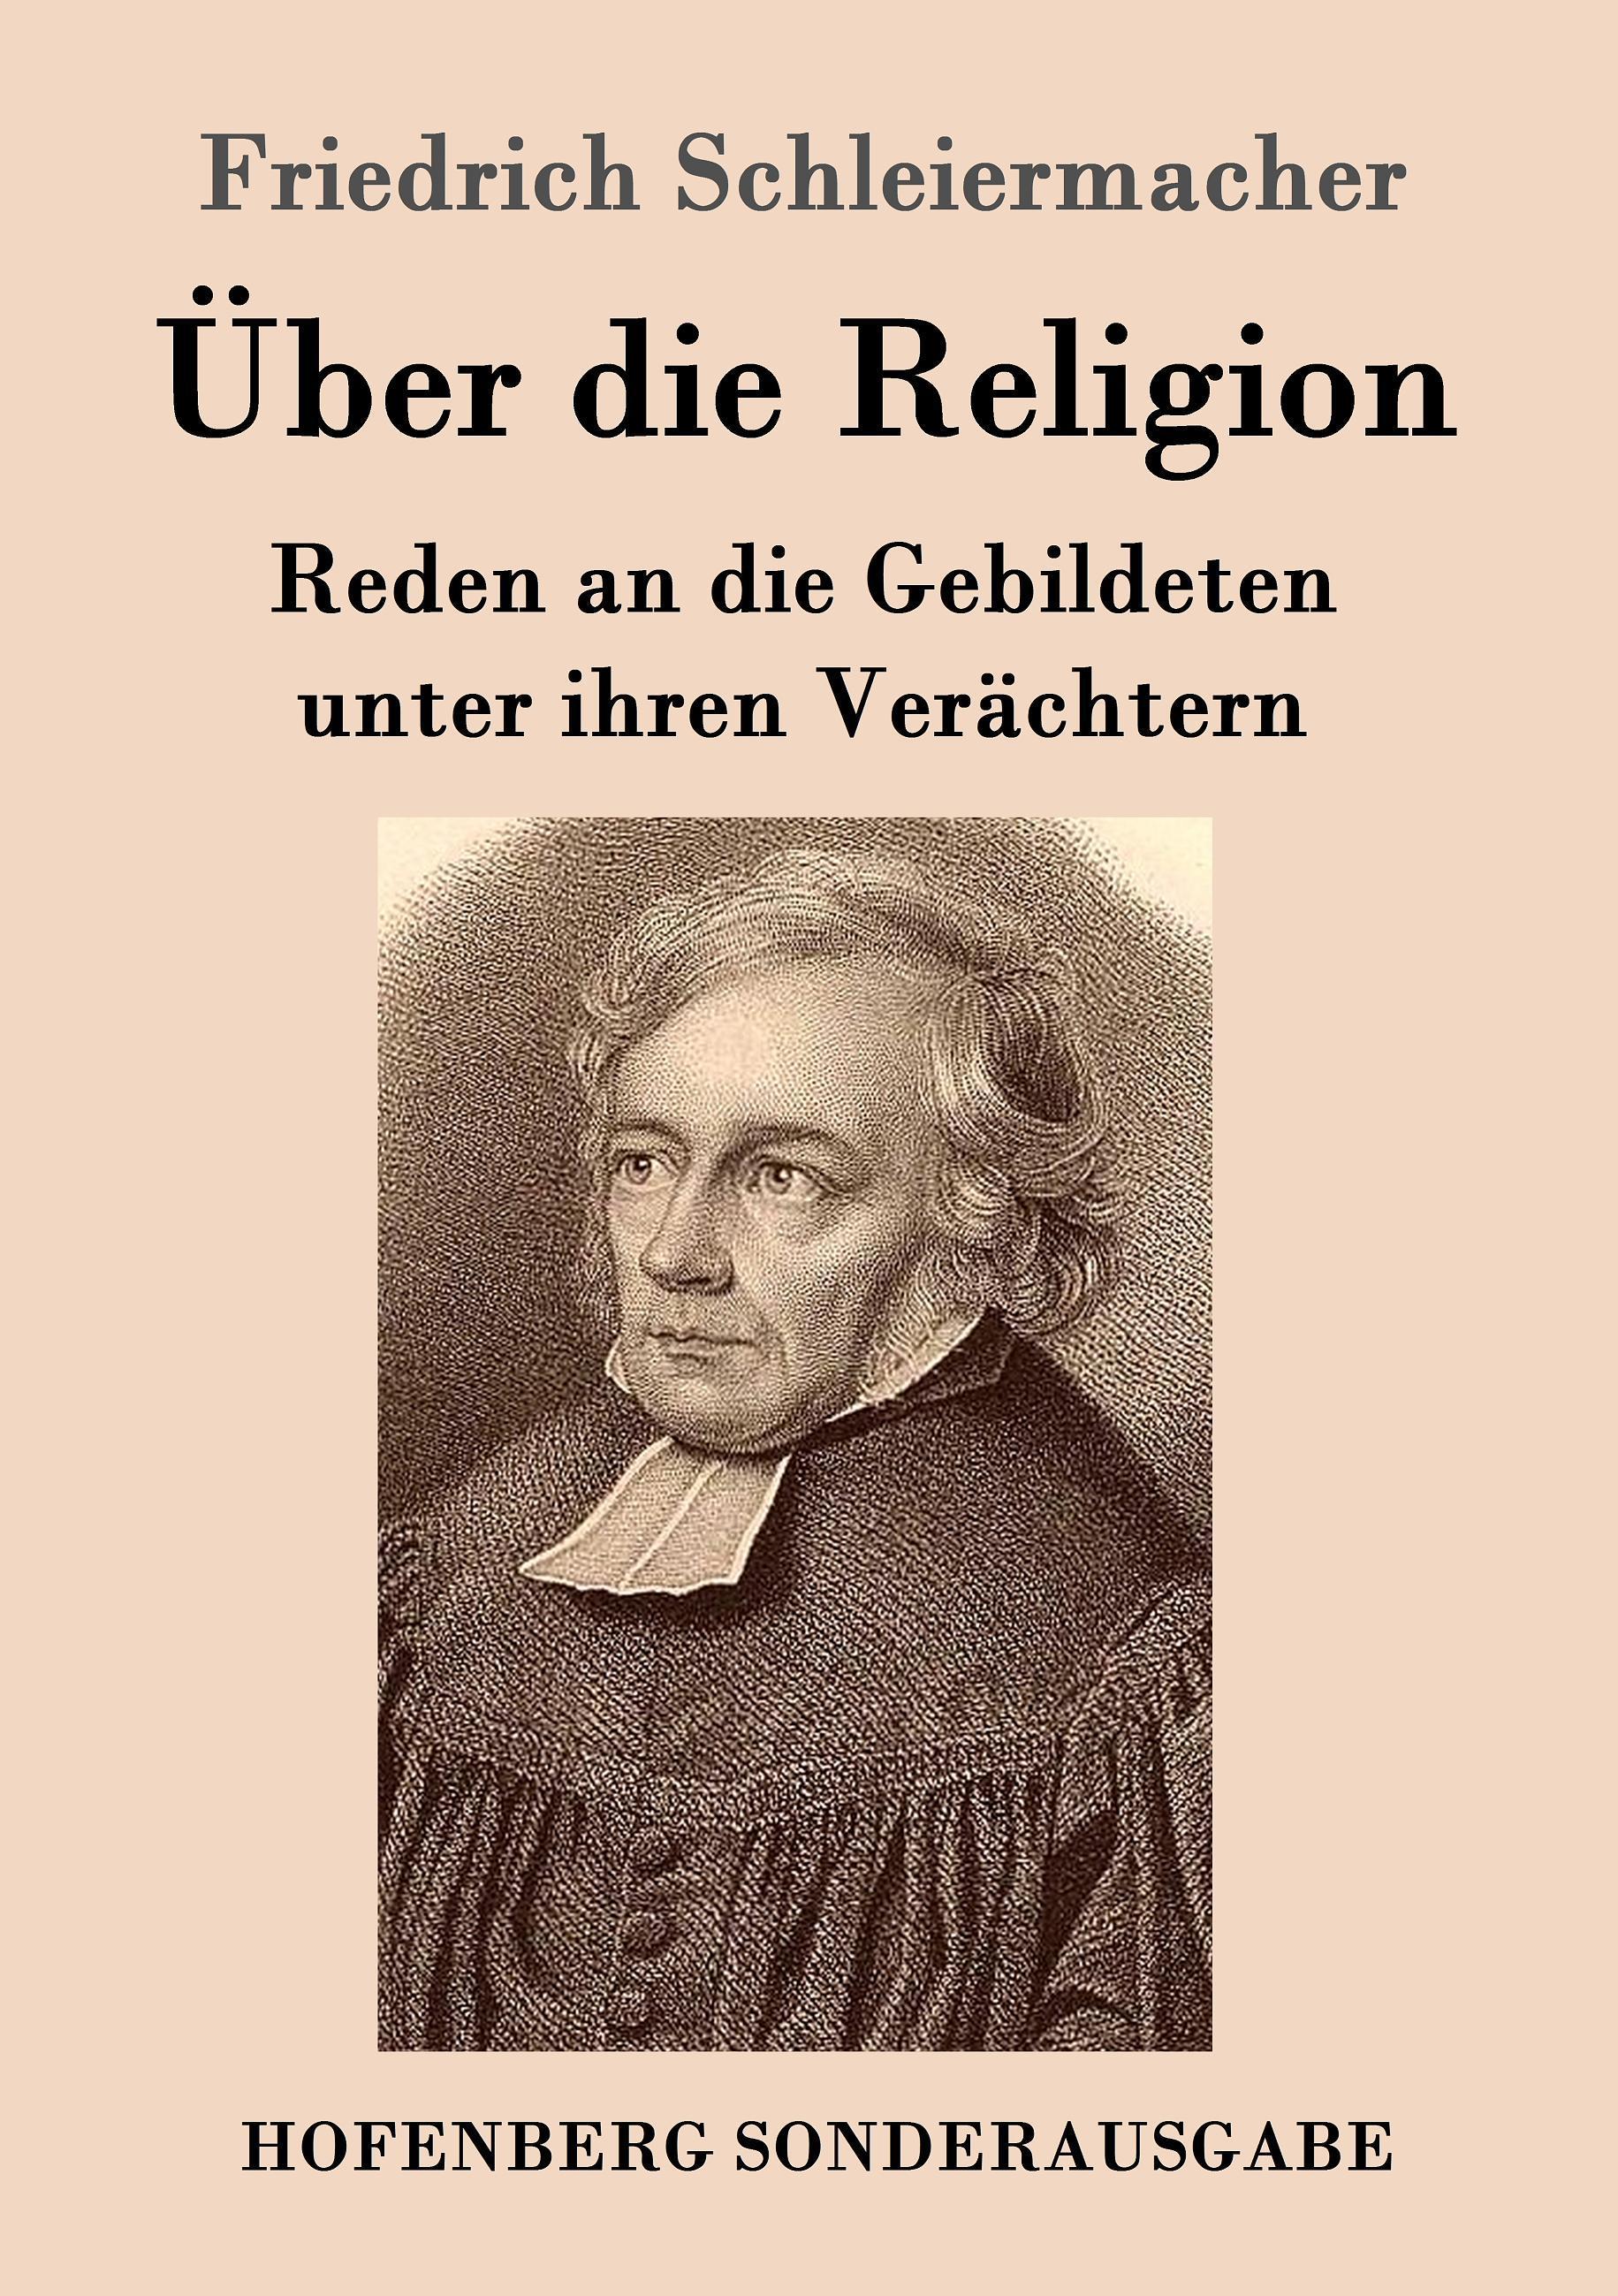 Über die Religion  Reden an die Gebildeten unter ihren Verächtern  Friedrich Schleiermacher  Taschenbuch  Paperback  Deutsch  2016 - Schleiermacher, Friedrich